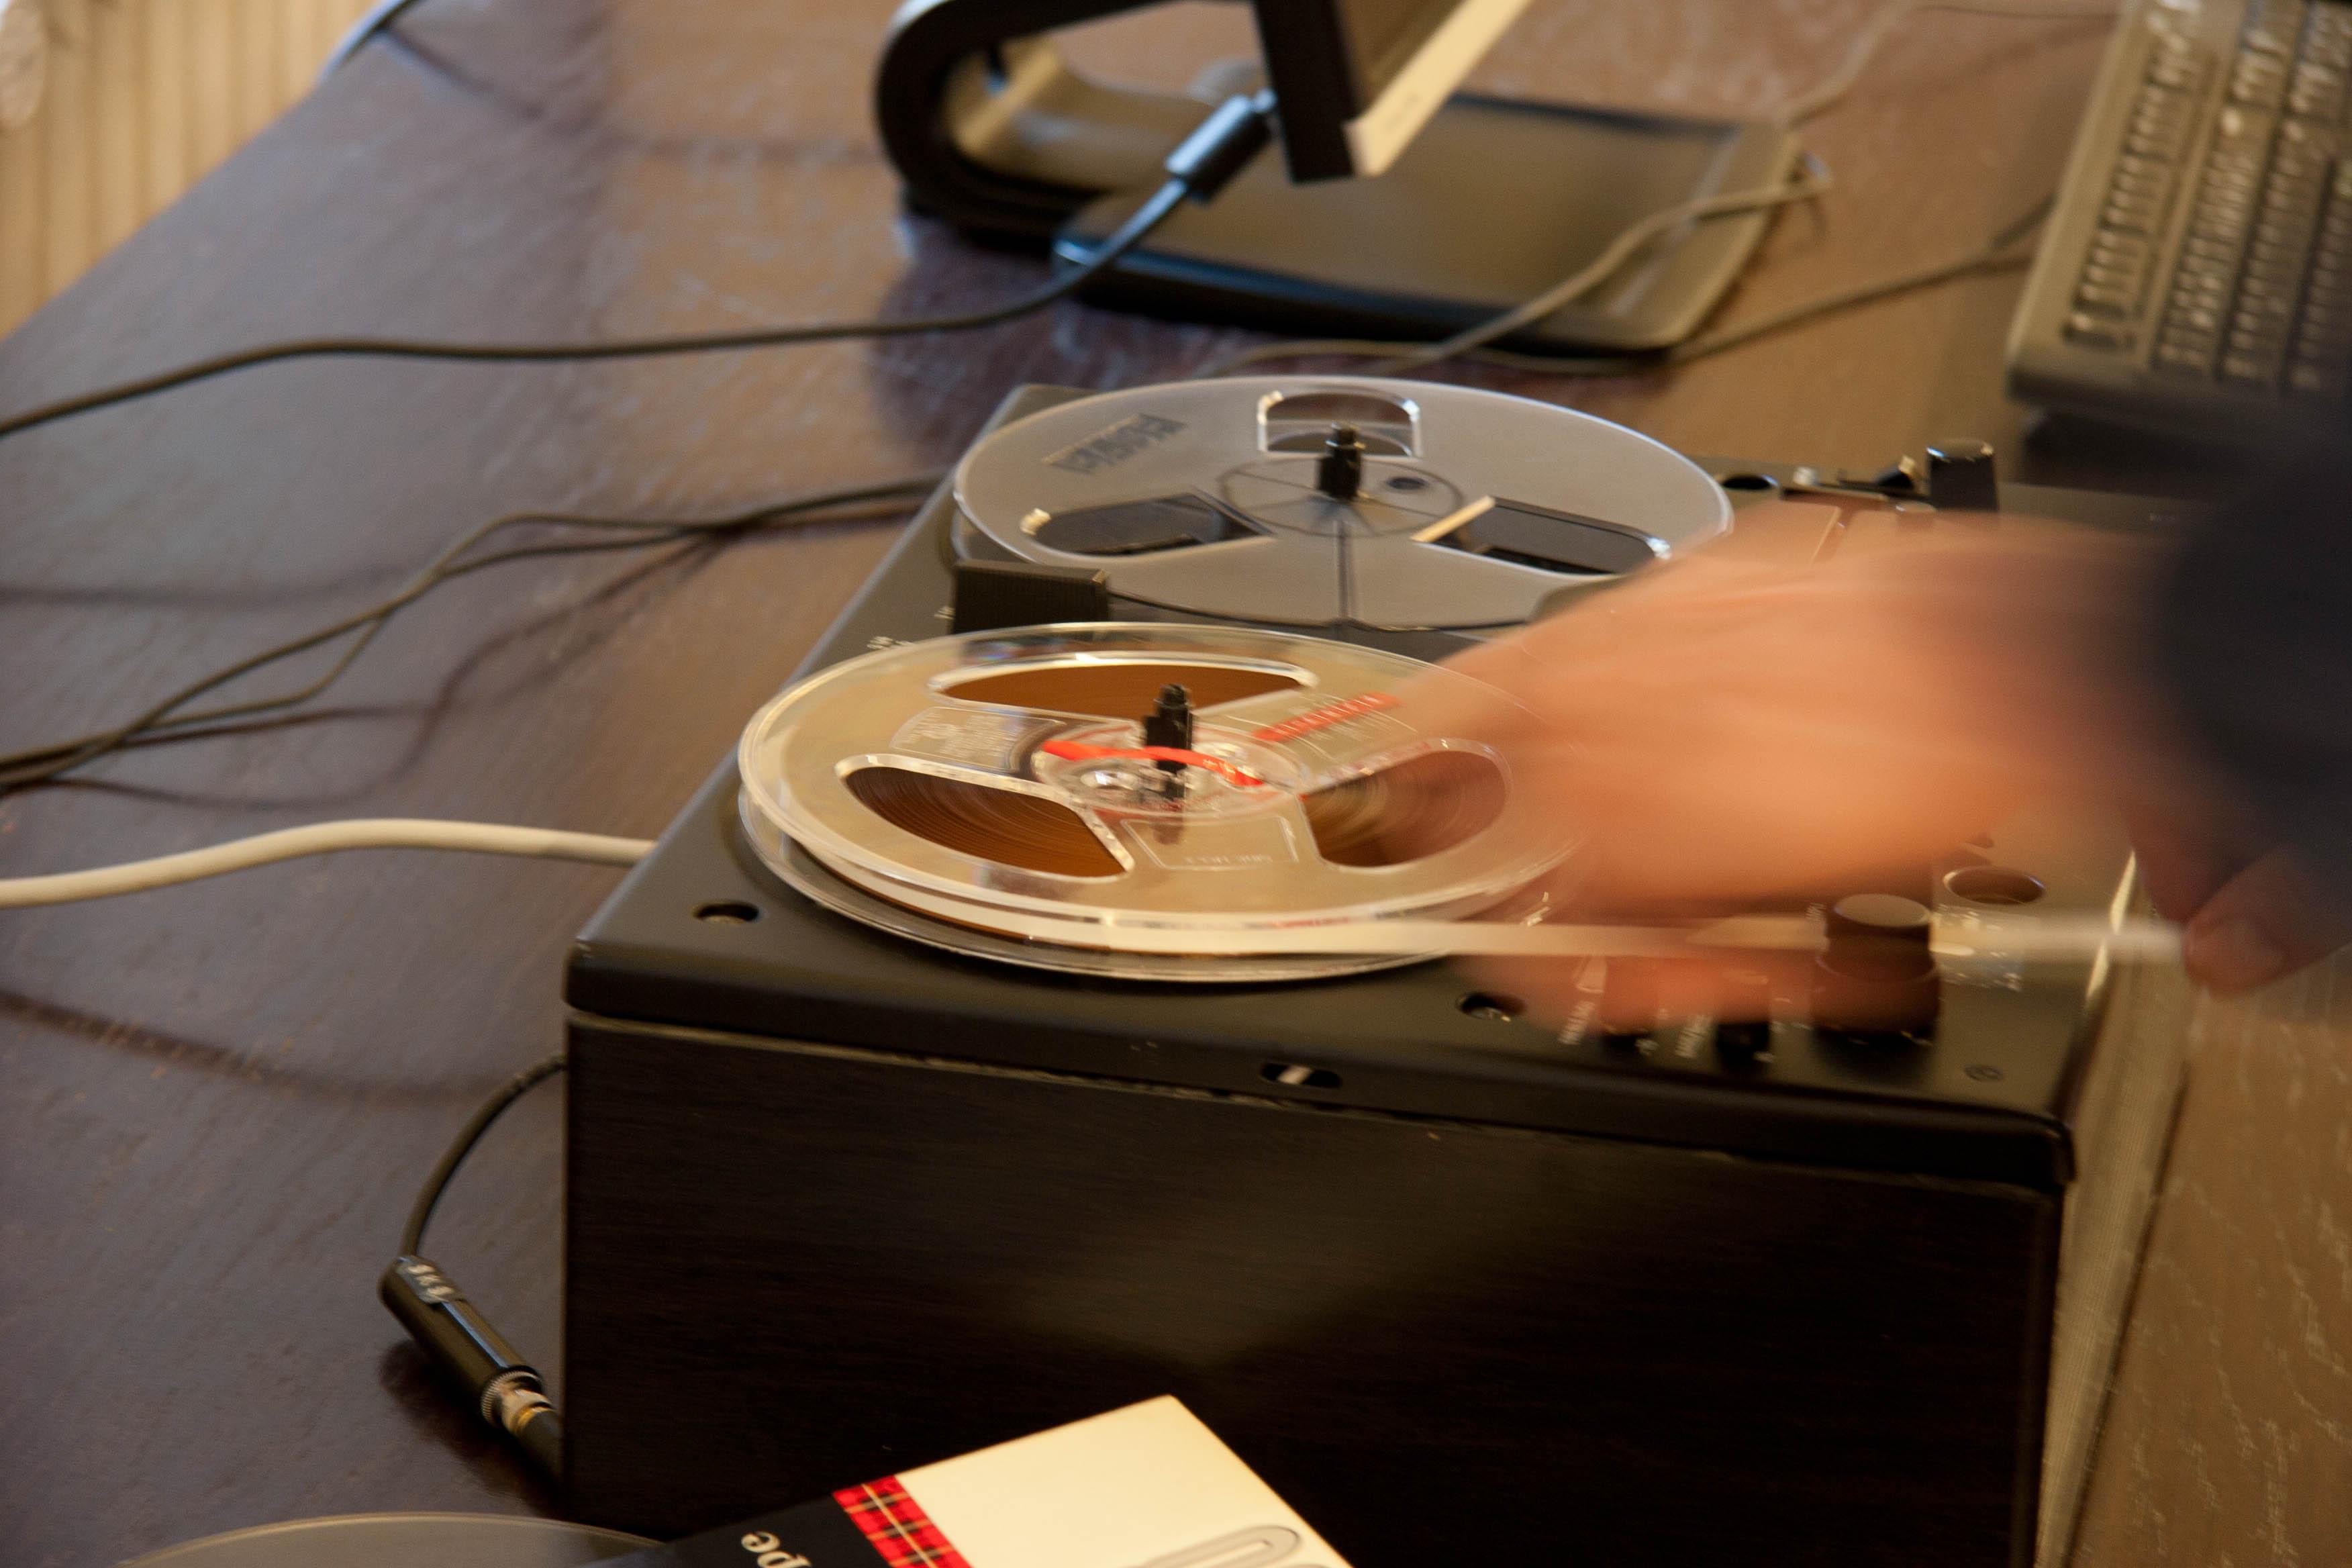 Arkistojen mielenkiintoisia ääniteaineistoja voit kuunnella nauhurilla ja digitaalisia äänitteitä tietokoneella. Kuva: Milla Eräsaari. SKS KIA.